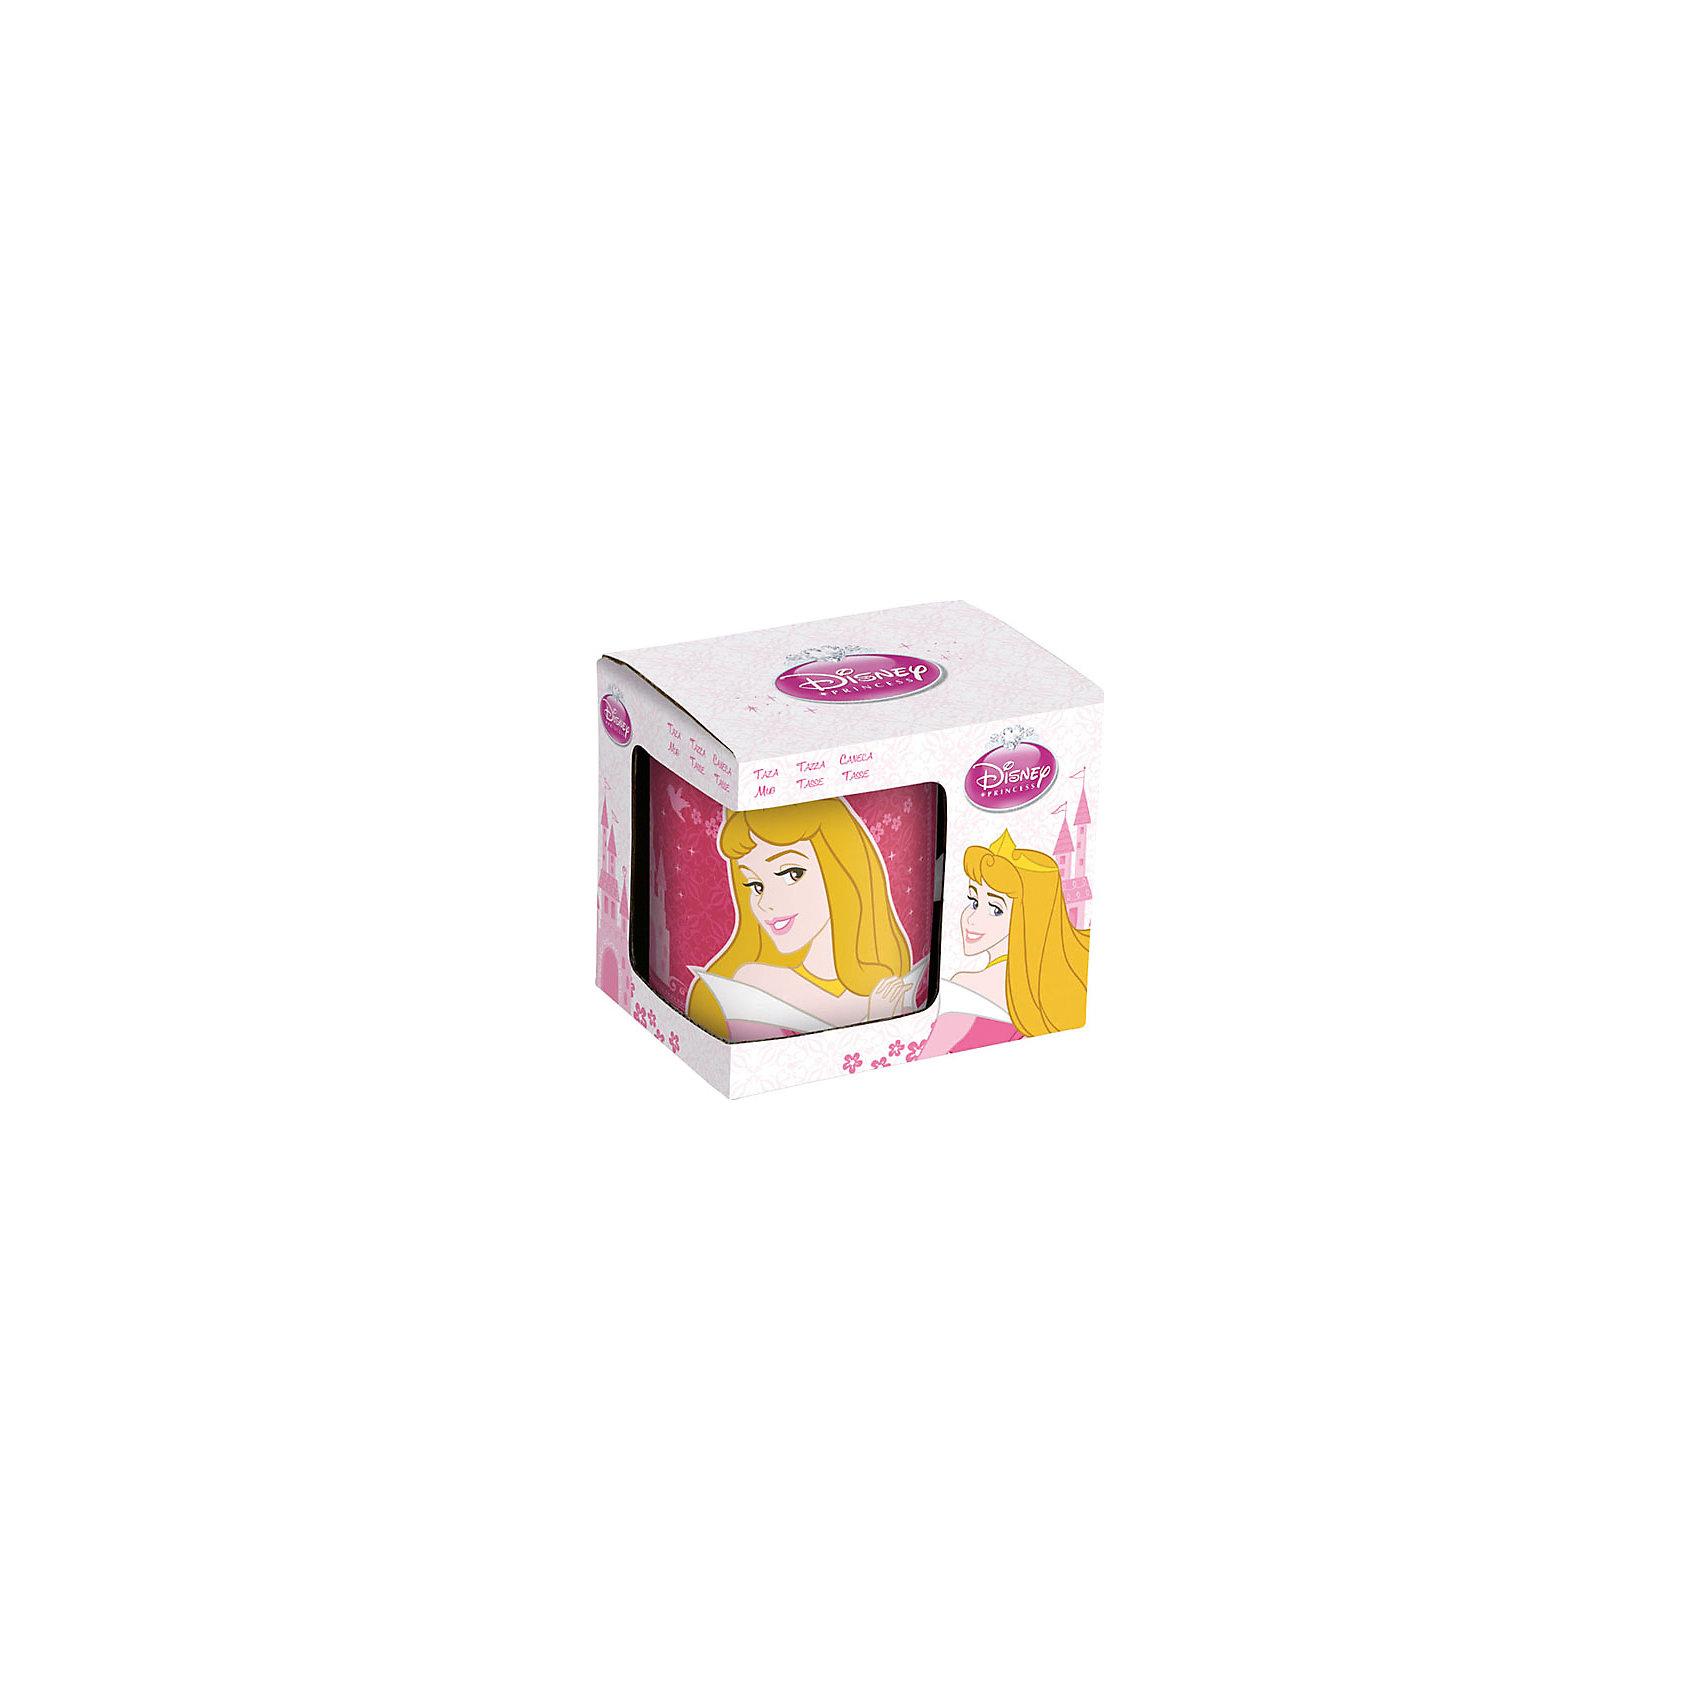 МФК-профит Керамическая кружка Принцессы Дисней 330 мл в подарочной упаковке спящая красавица